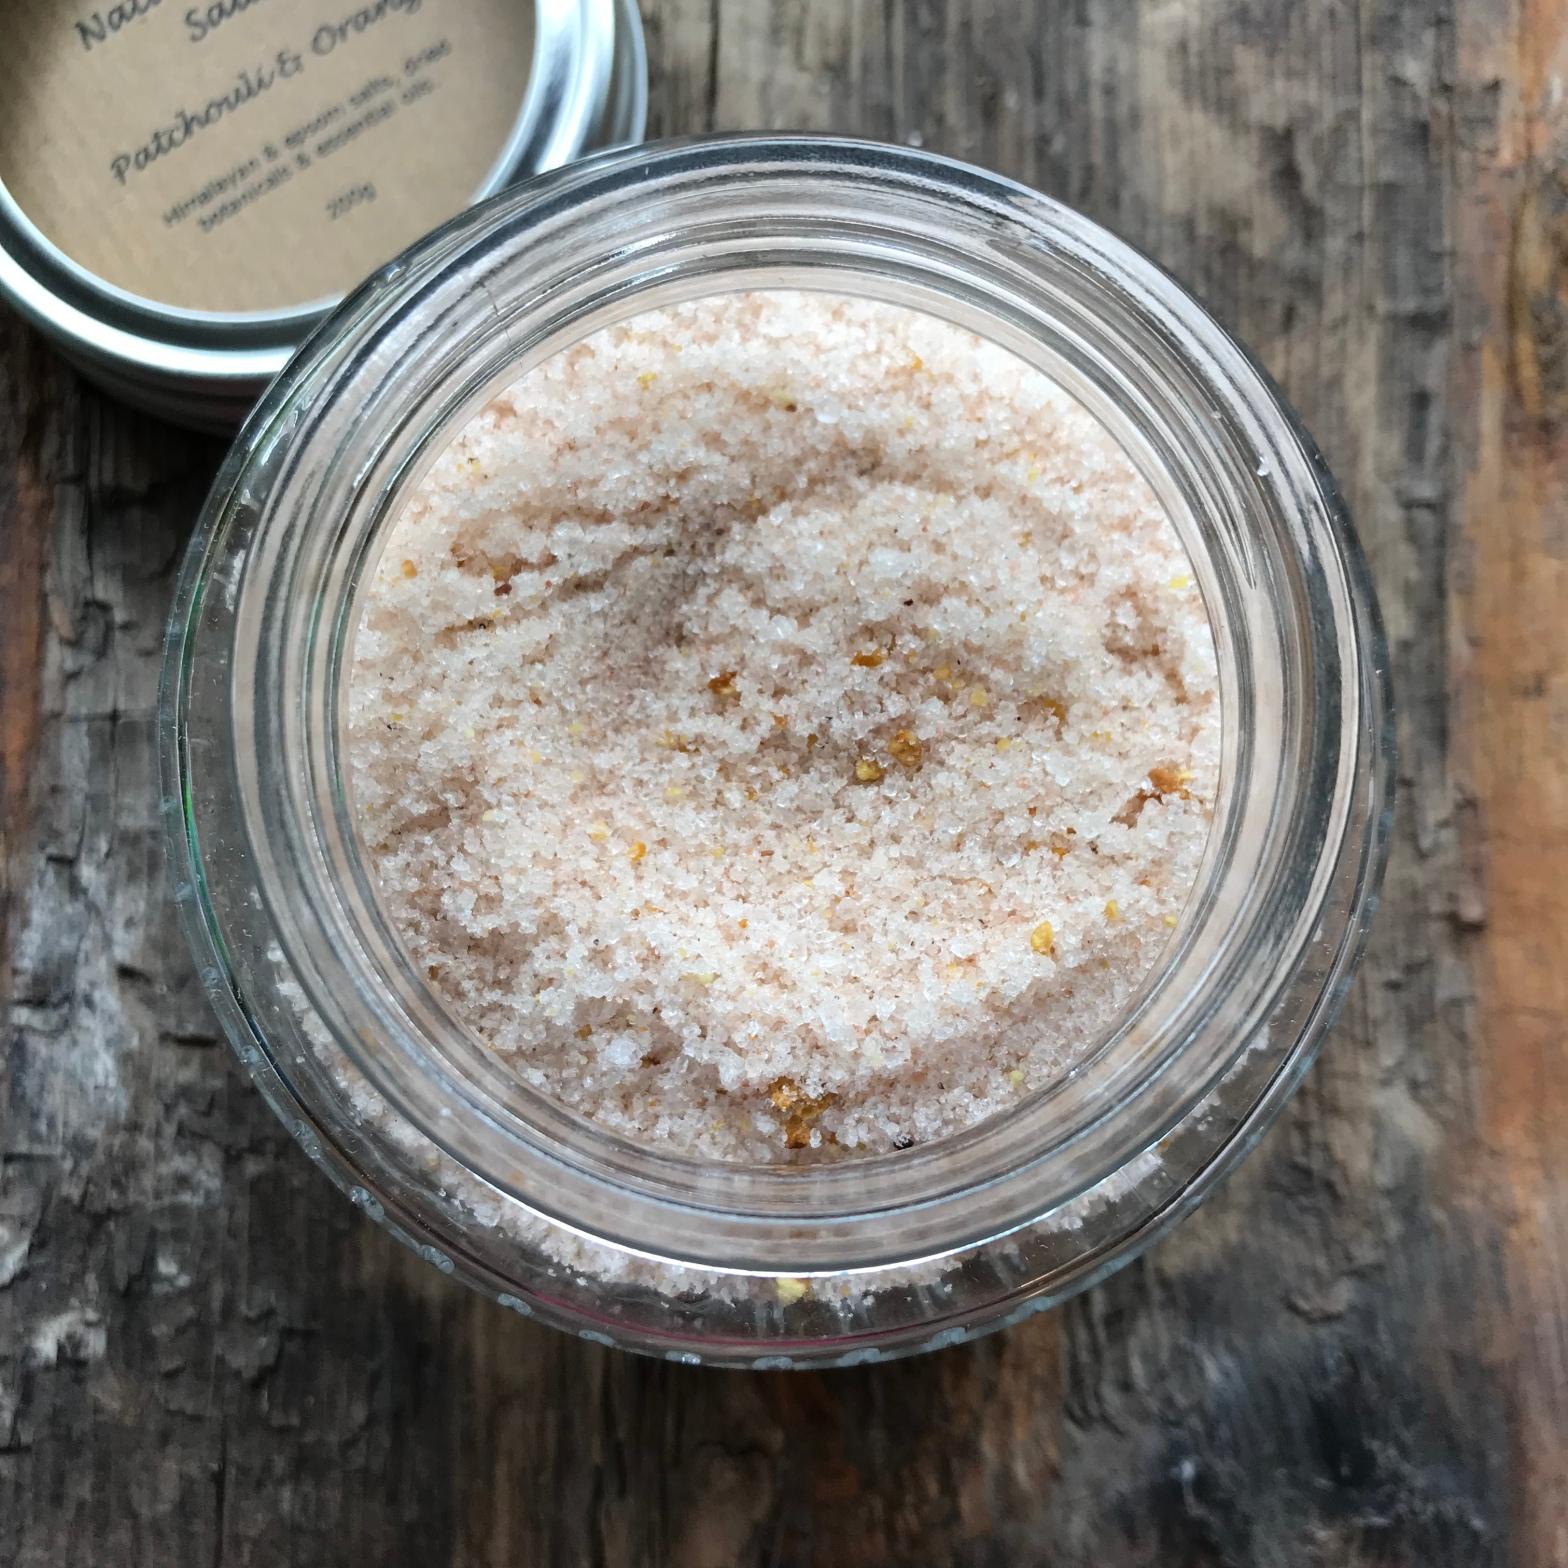 Handmade Haven Natural Bath Salts, Patchouli and Orange, 200g Glass Kilner Jar